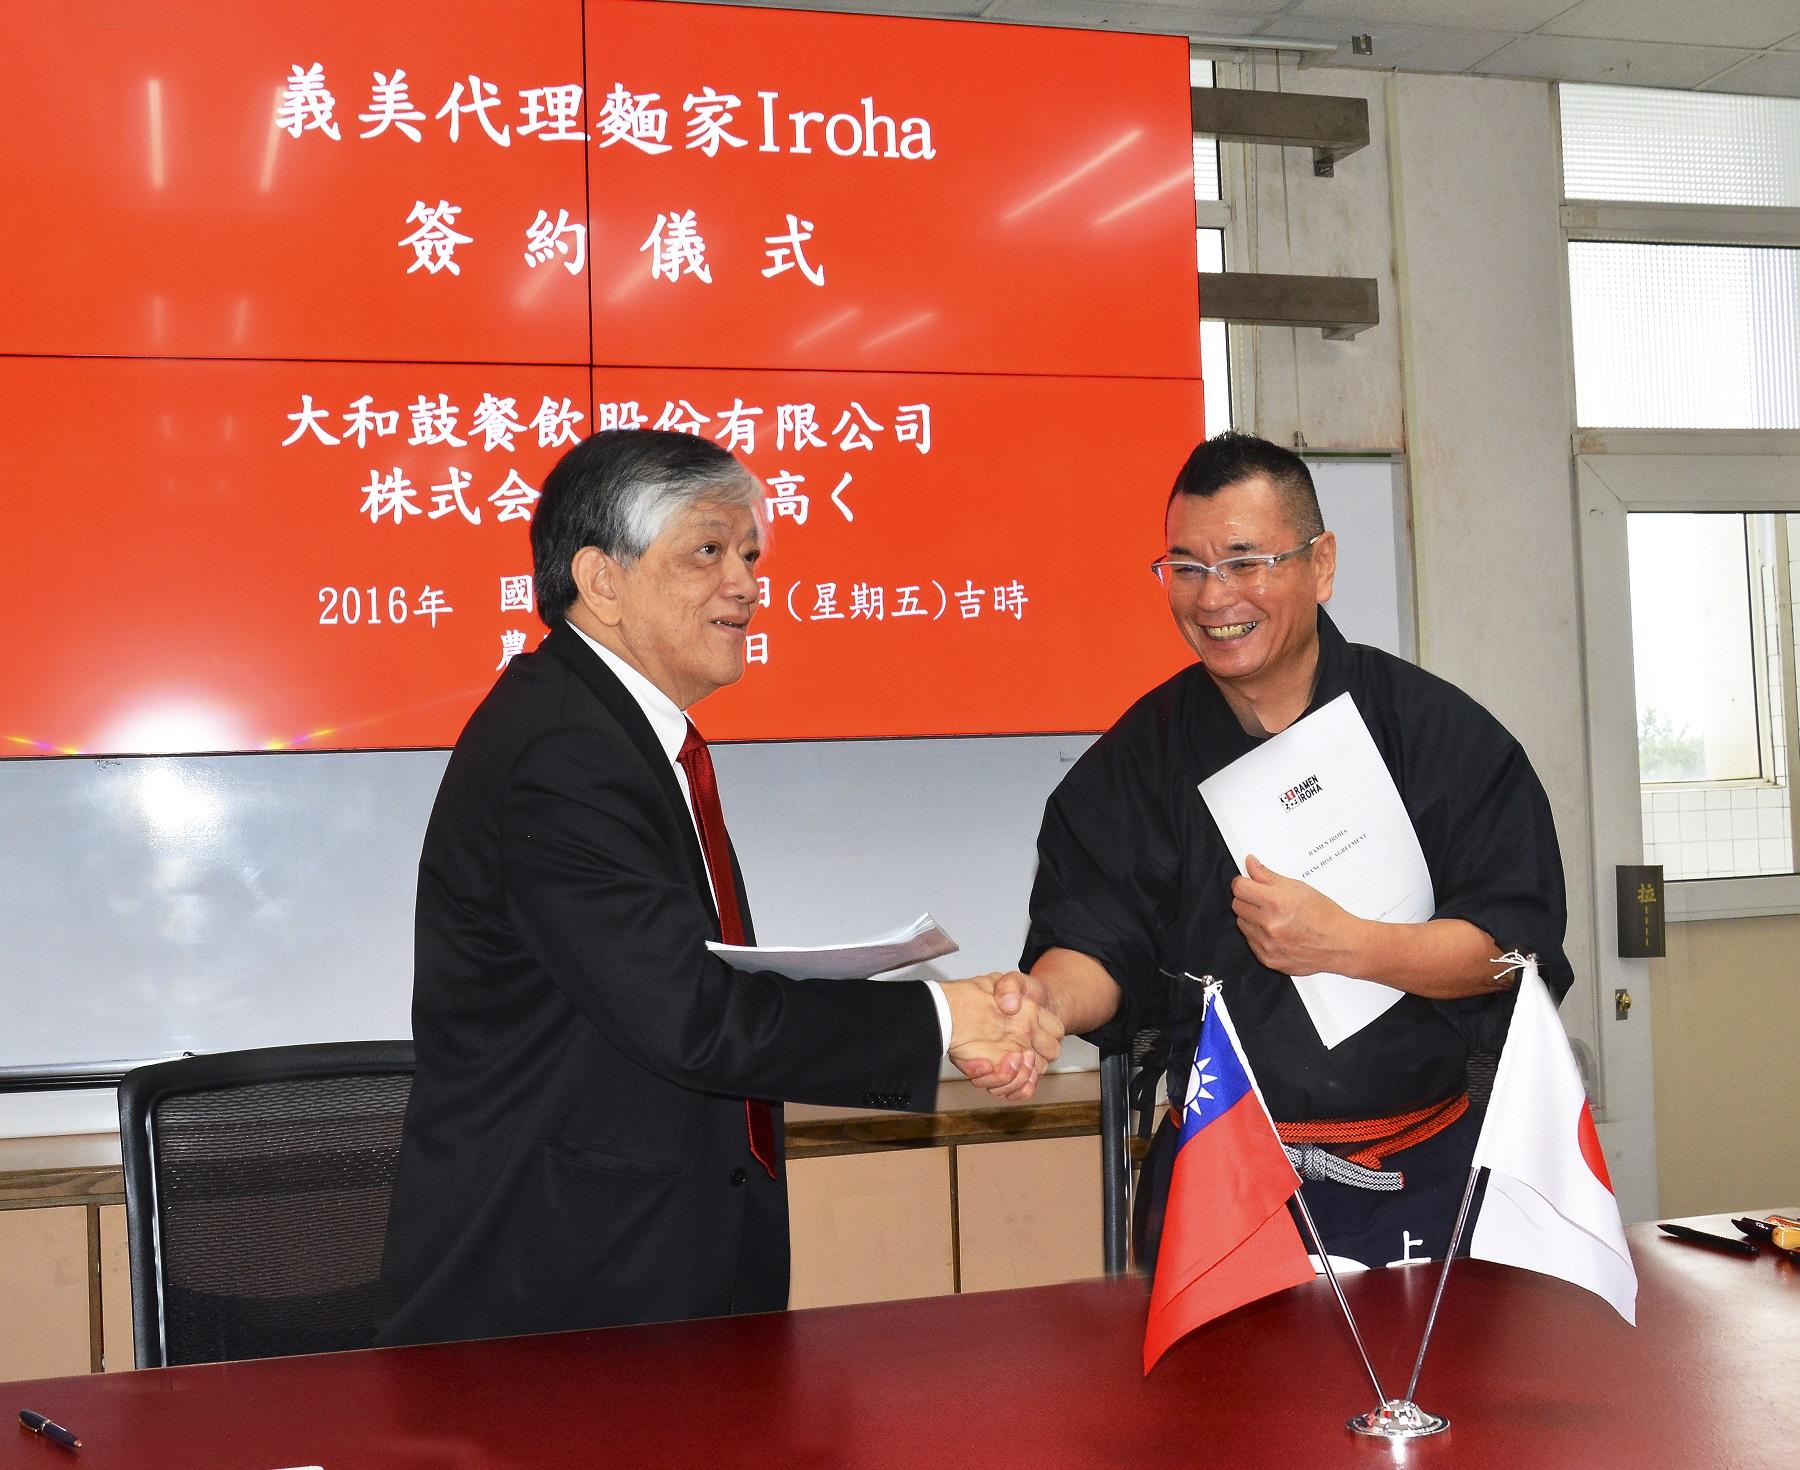 來自日本的麵家IROHA社長栗原清,9日在台灣與義美食品總經理高志明,進行簽約儀式。